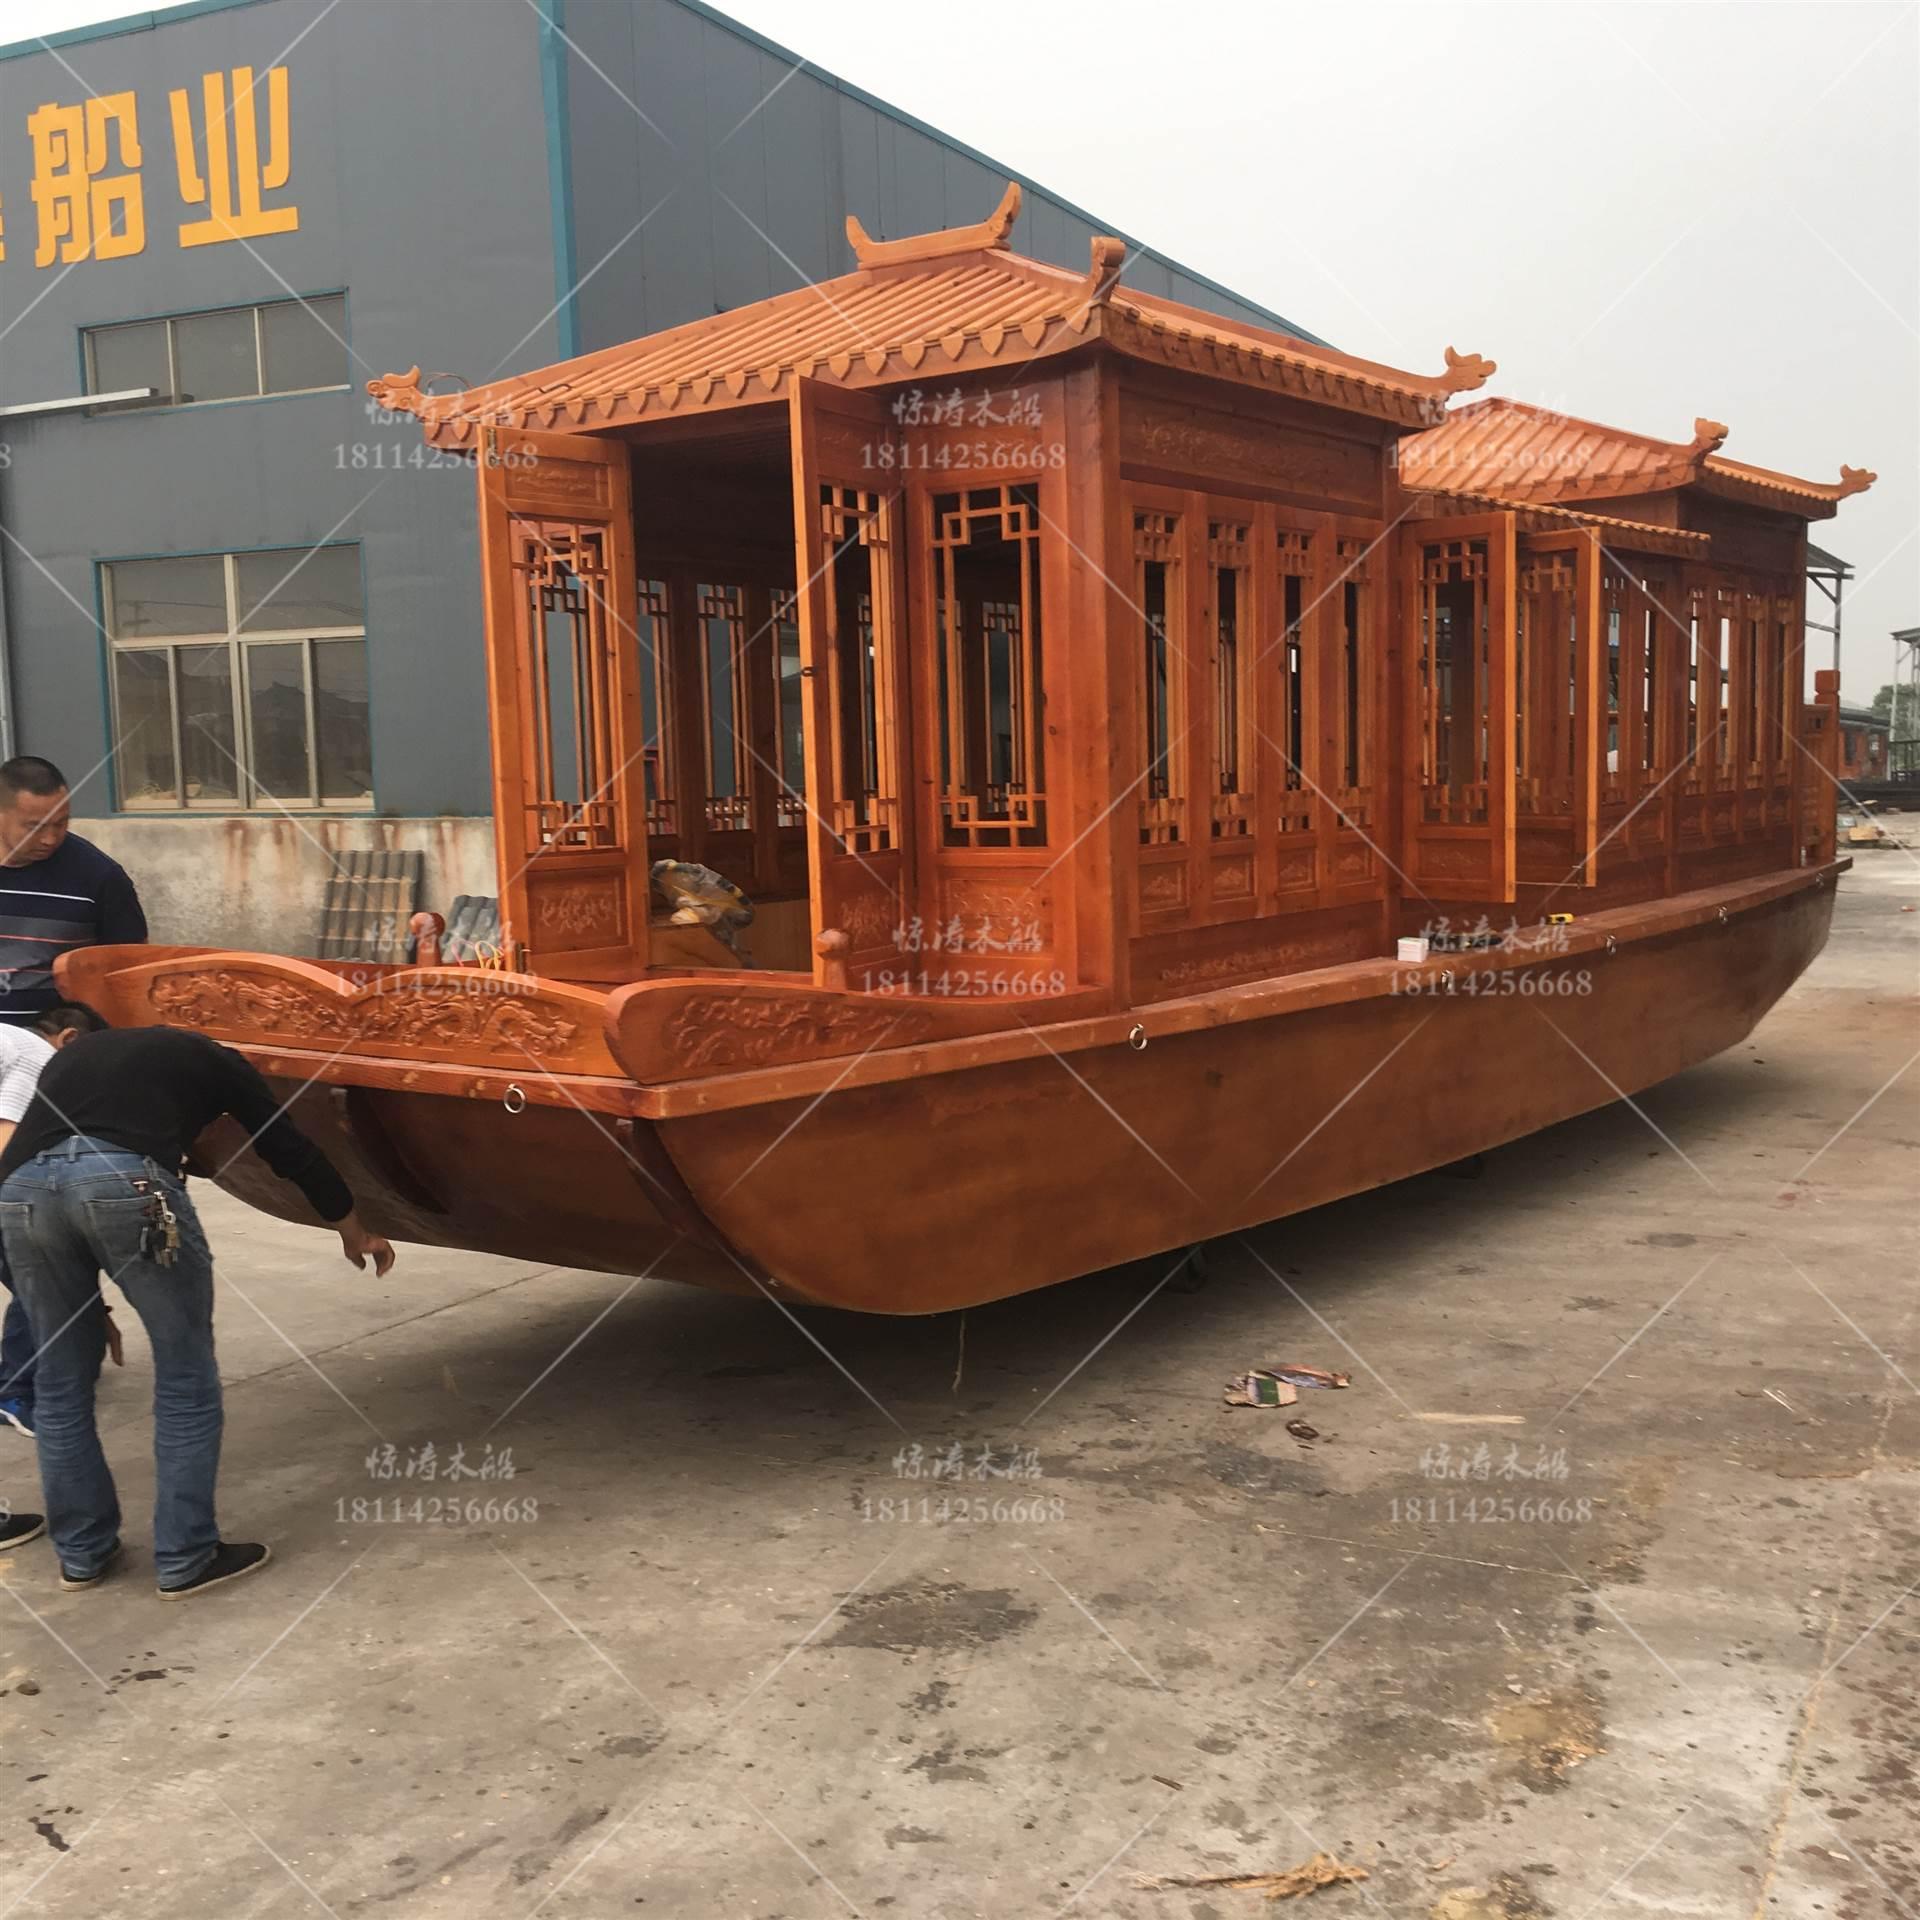 中国画舫船厂家 定制乌篷船